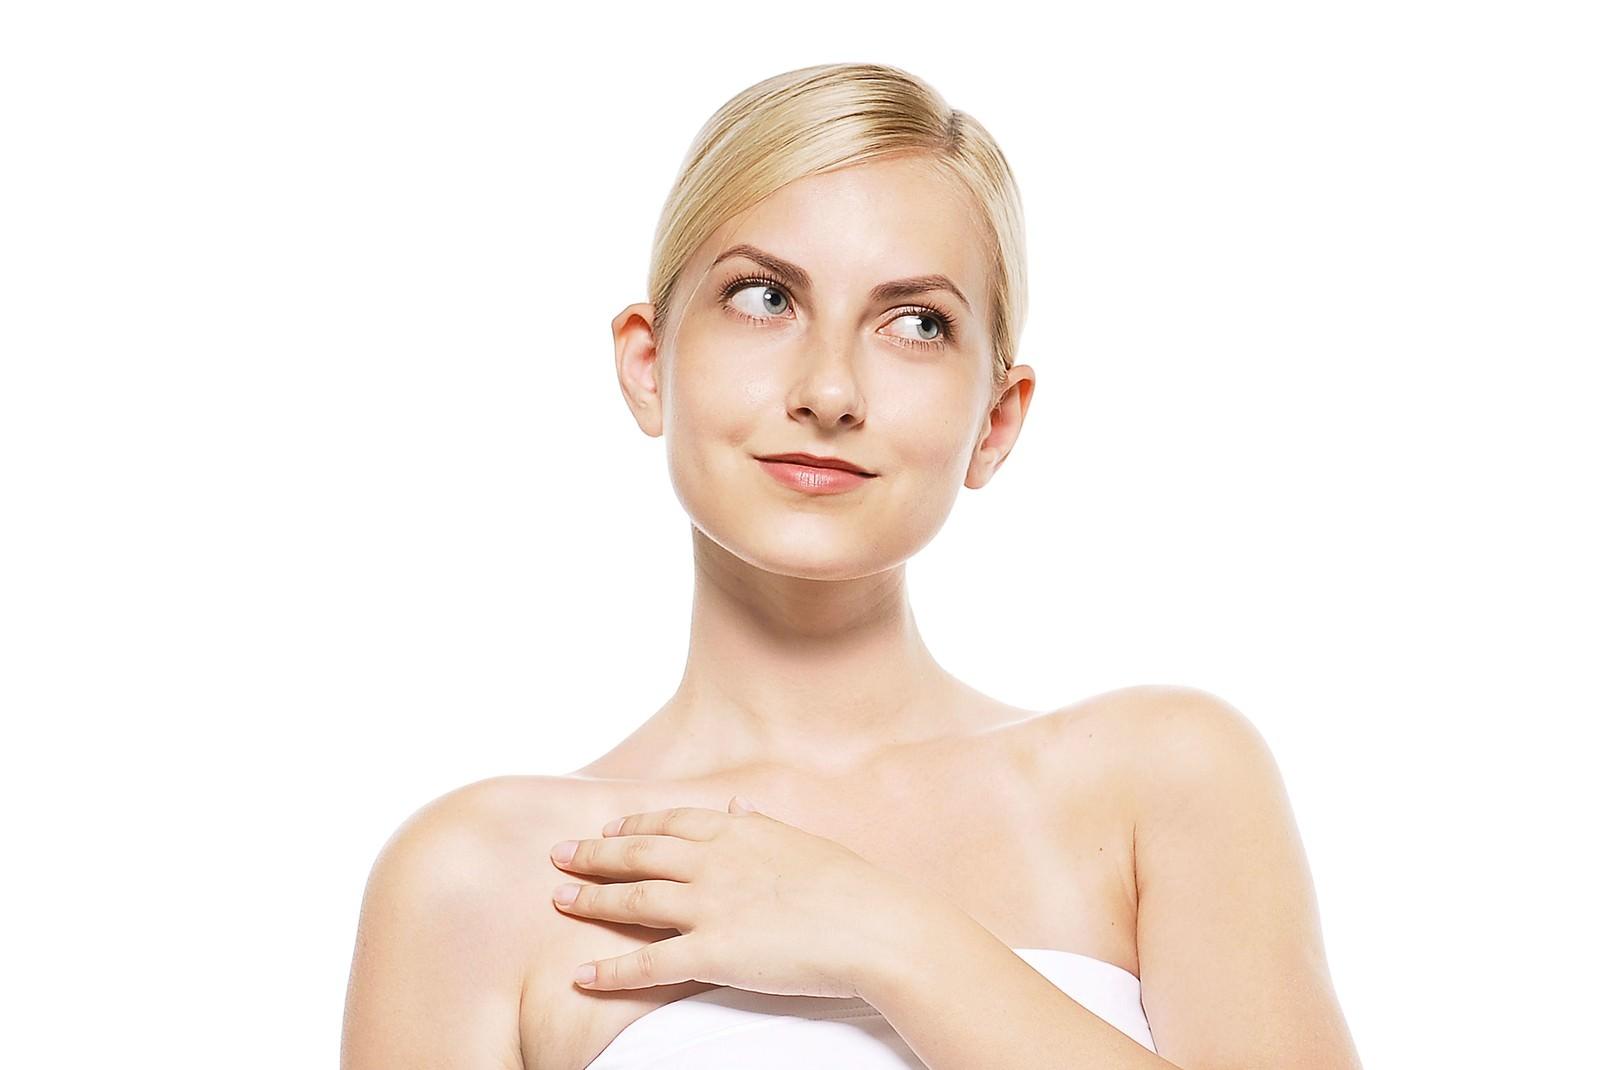 「胸に手を当てるホッとしたような表情の女性」の写真[モデル:モデルファクトリー]